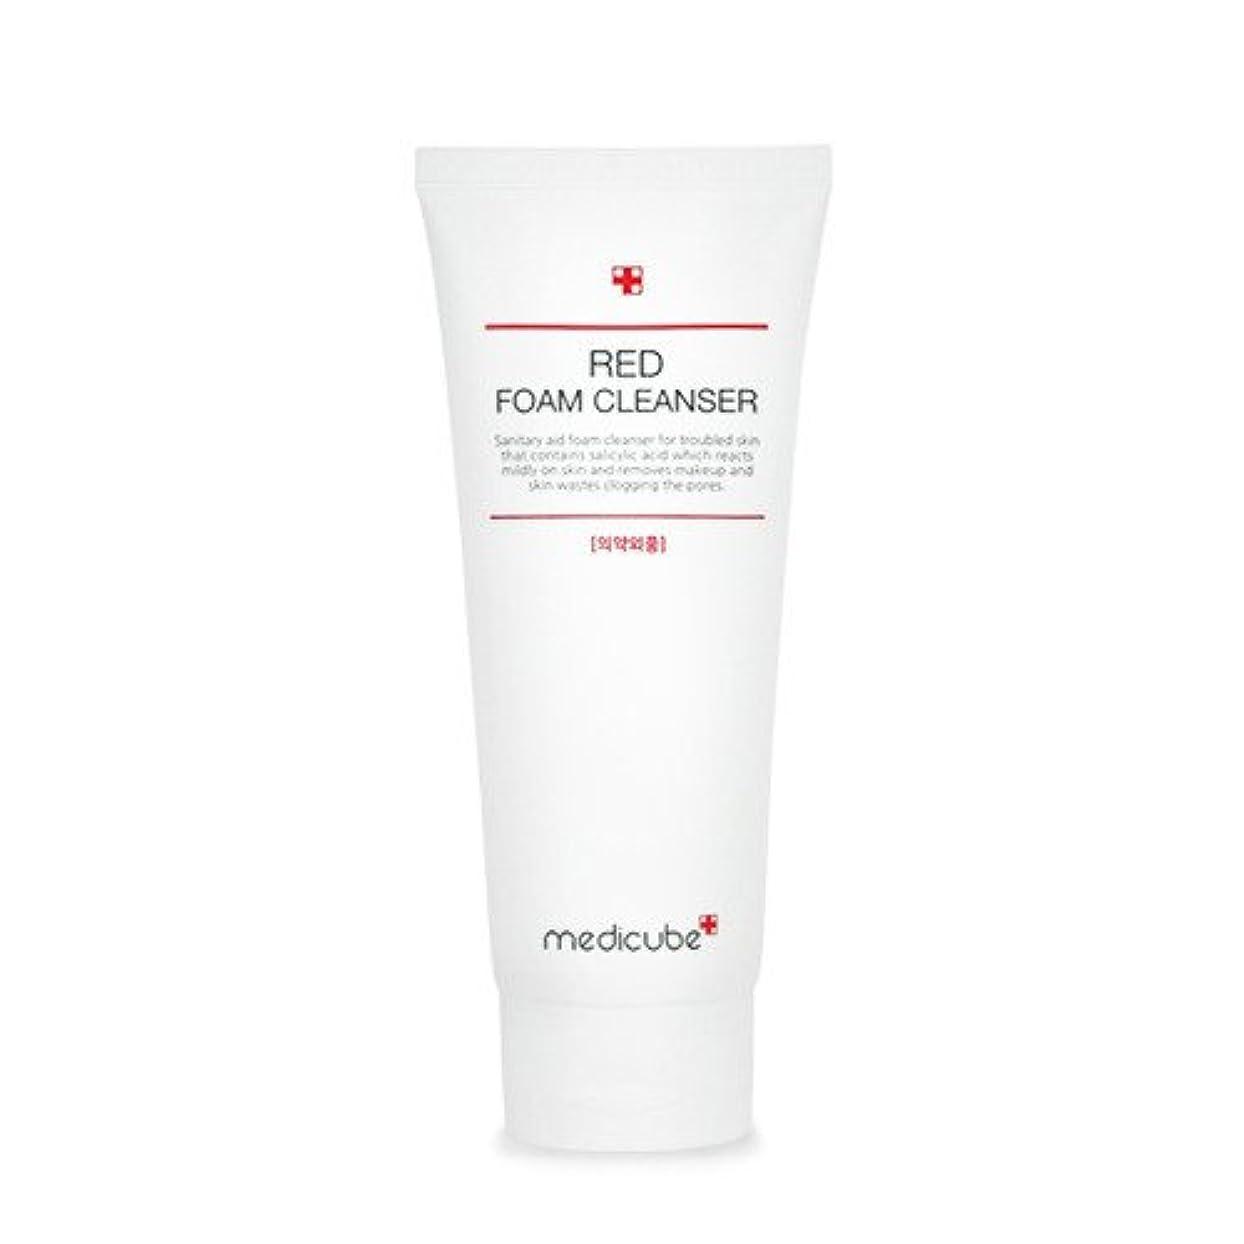 エゴマニア社会小麦[Medicube]Red Foam Cleanser 120ml / メディキューブレッドクレンジングフォーム / 正品?海外直送商品 [並行輸入品]